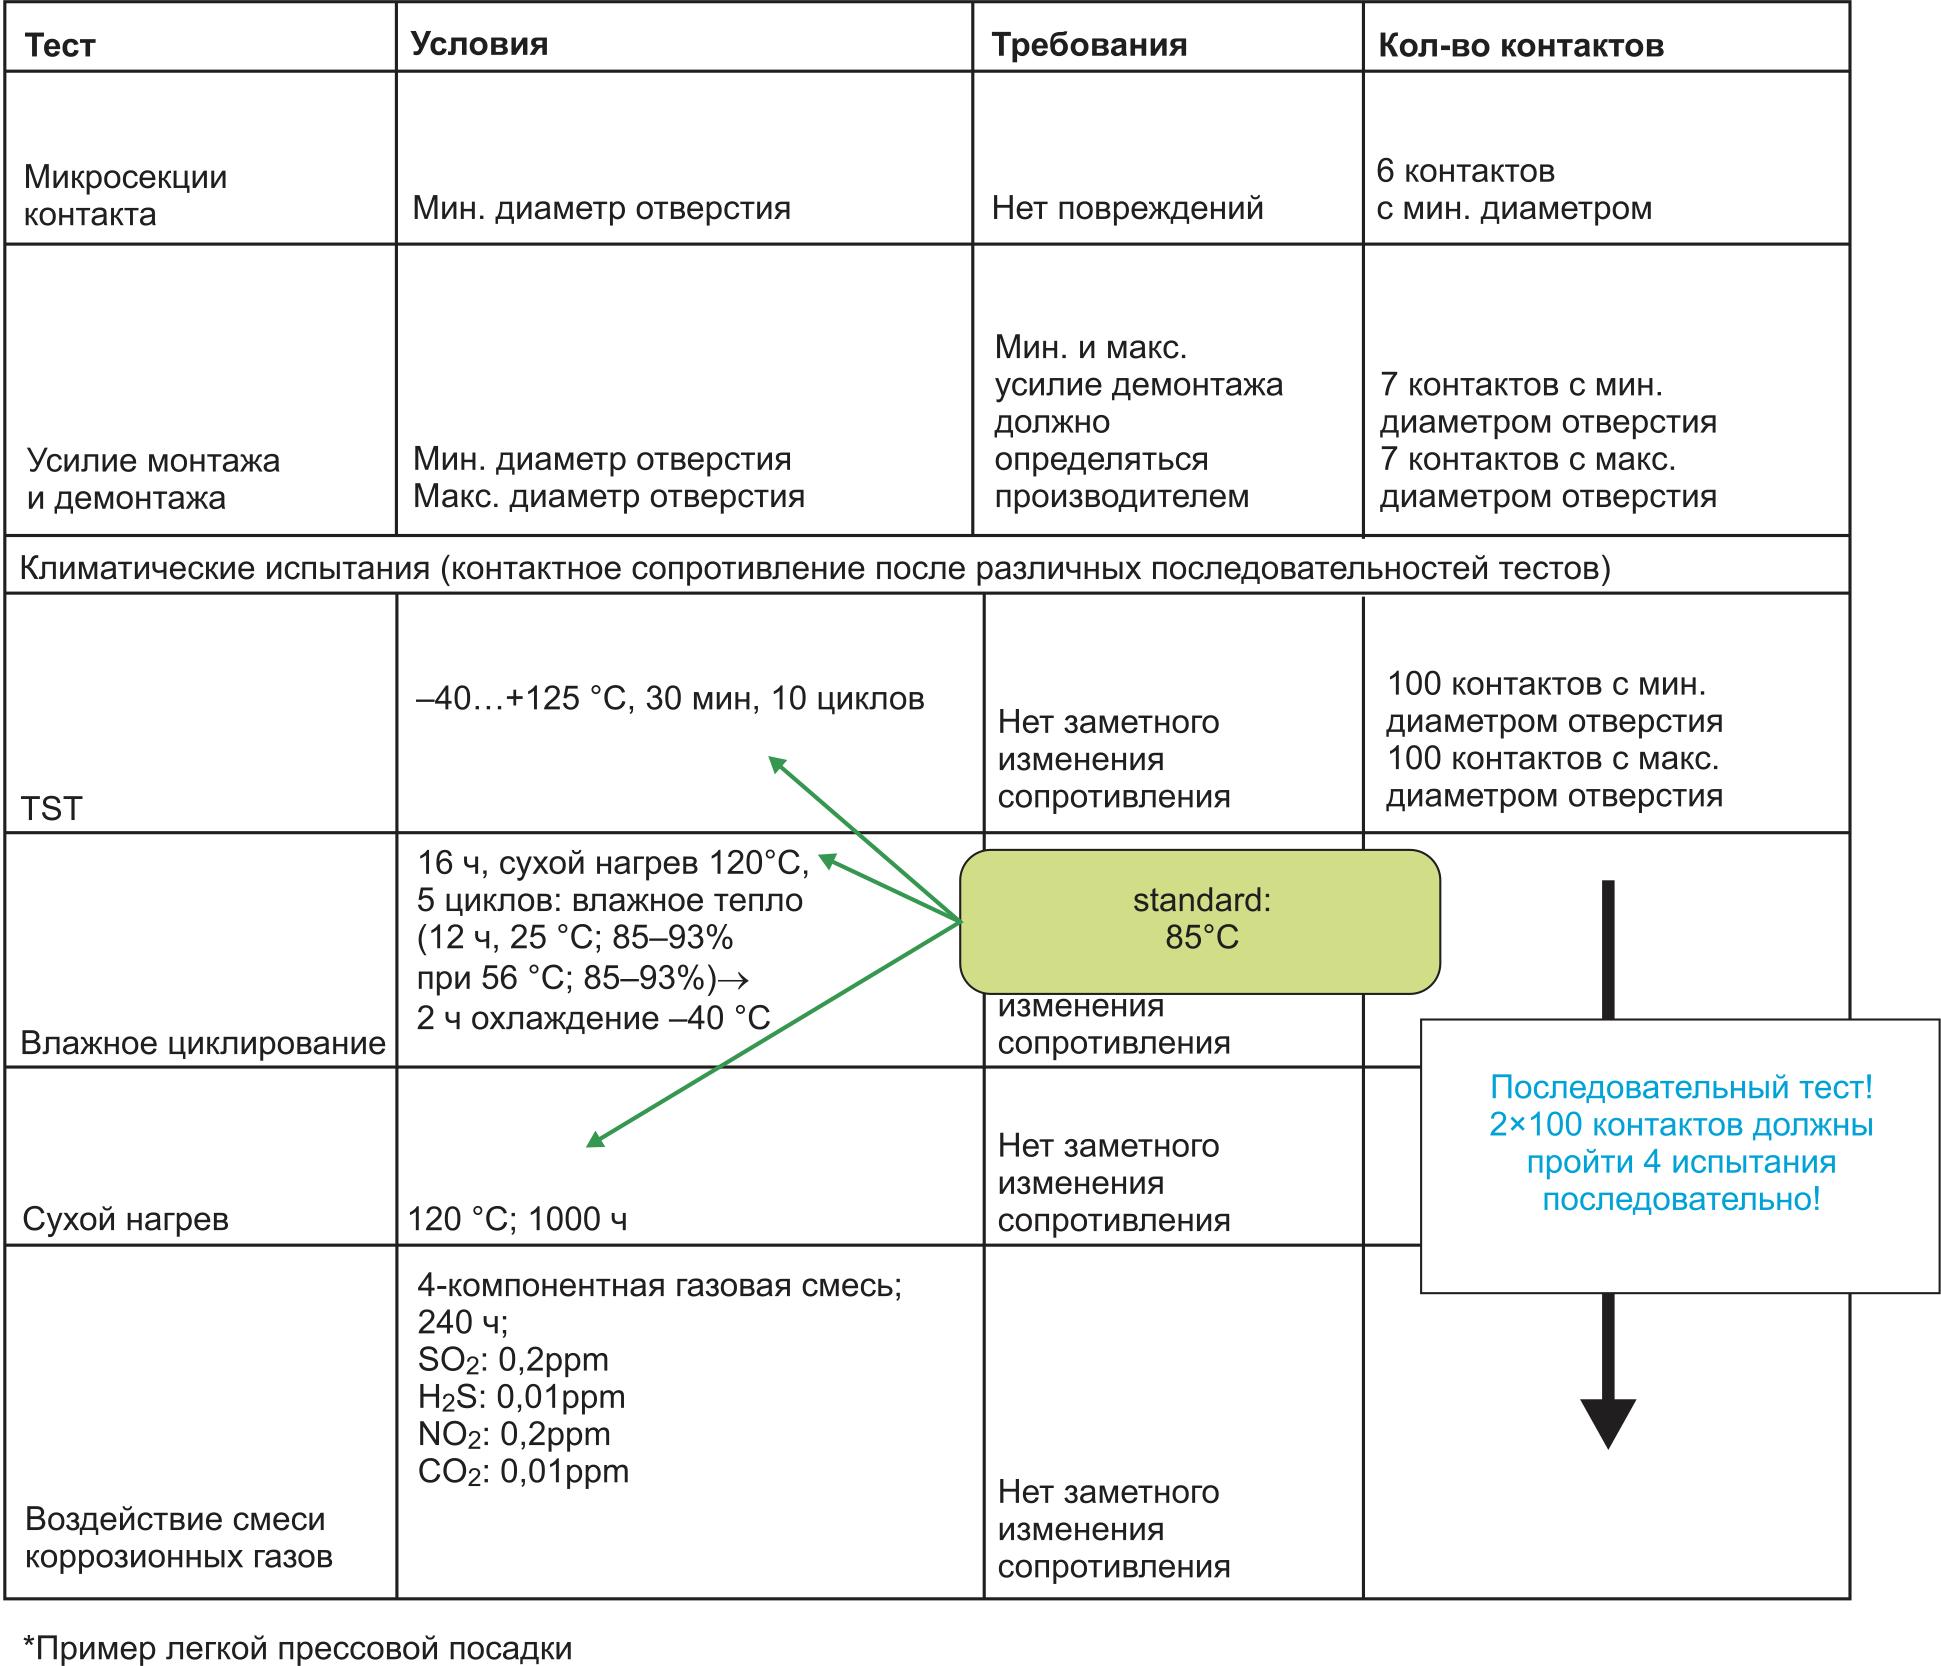 Квалификация контактов в соответствии со стандартом IEC 60532-5, доработанным для испытаний силовых модулей